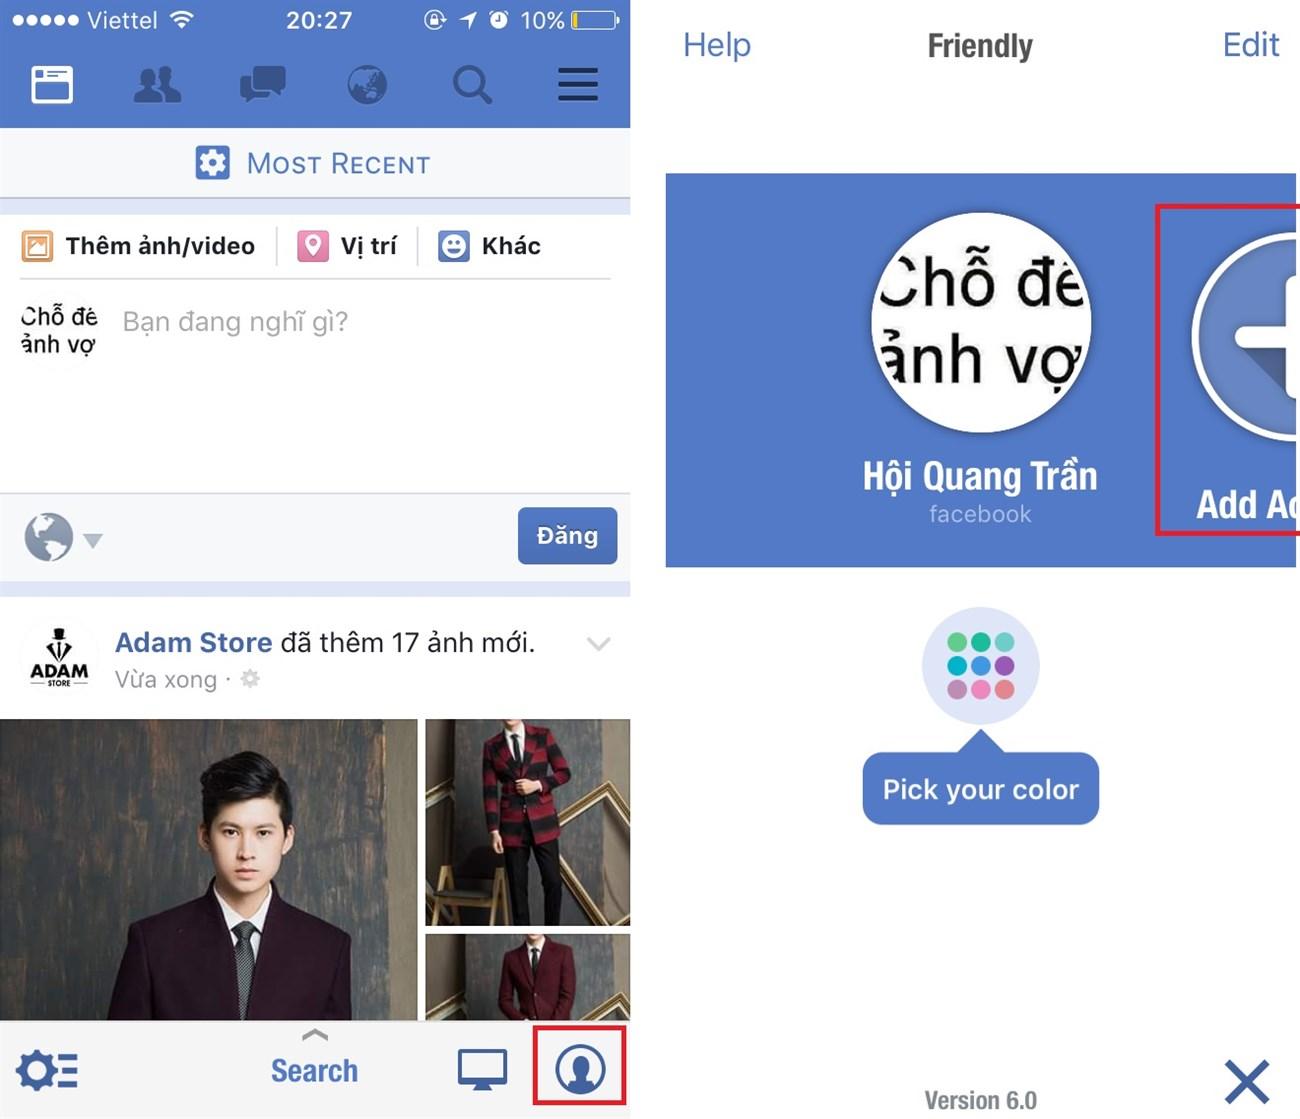 Thủ thuật nhỏ giúp bạn gộp Facebook và Messenger lại với nhau trên iPhone 6